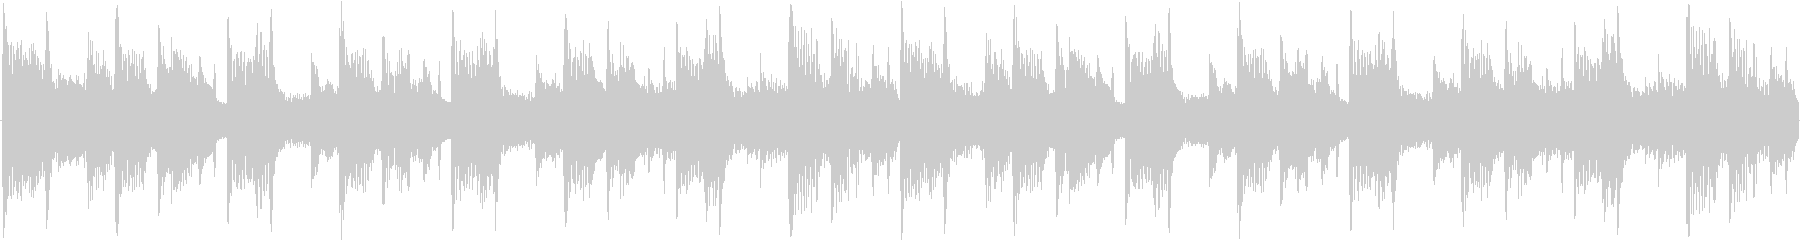 リラックス系のアンビエントハウスの未再生の波形